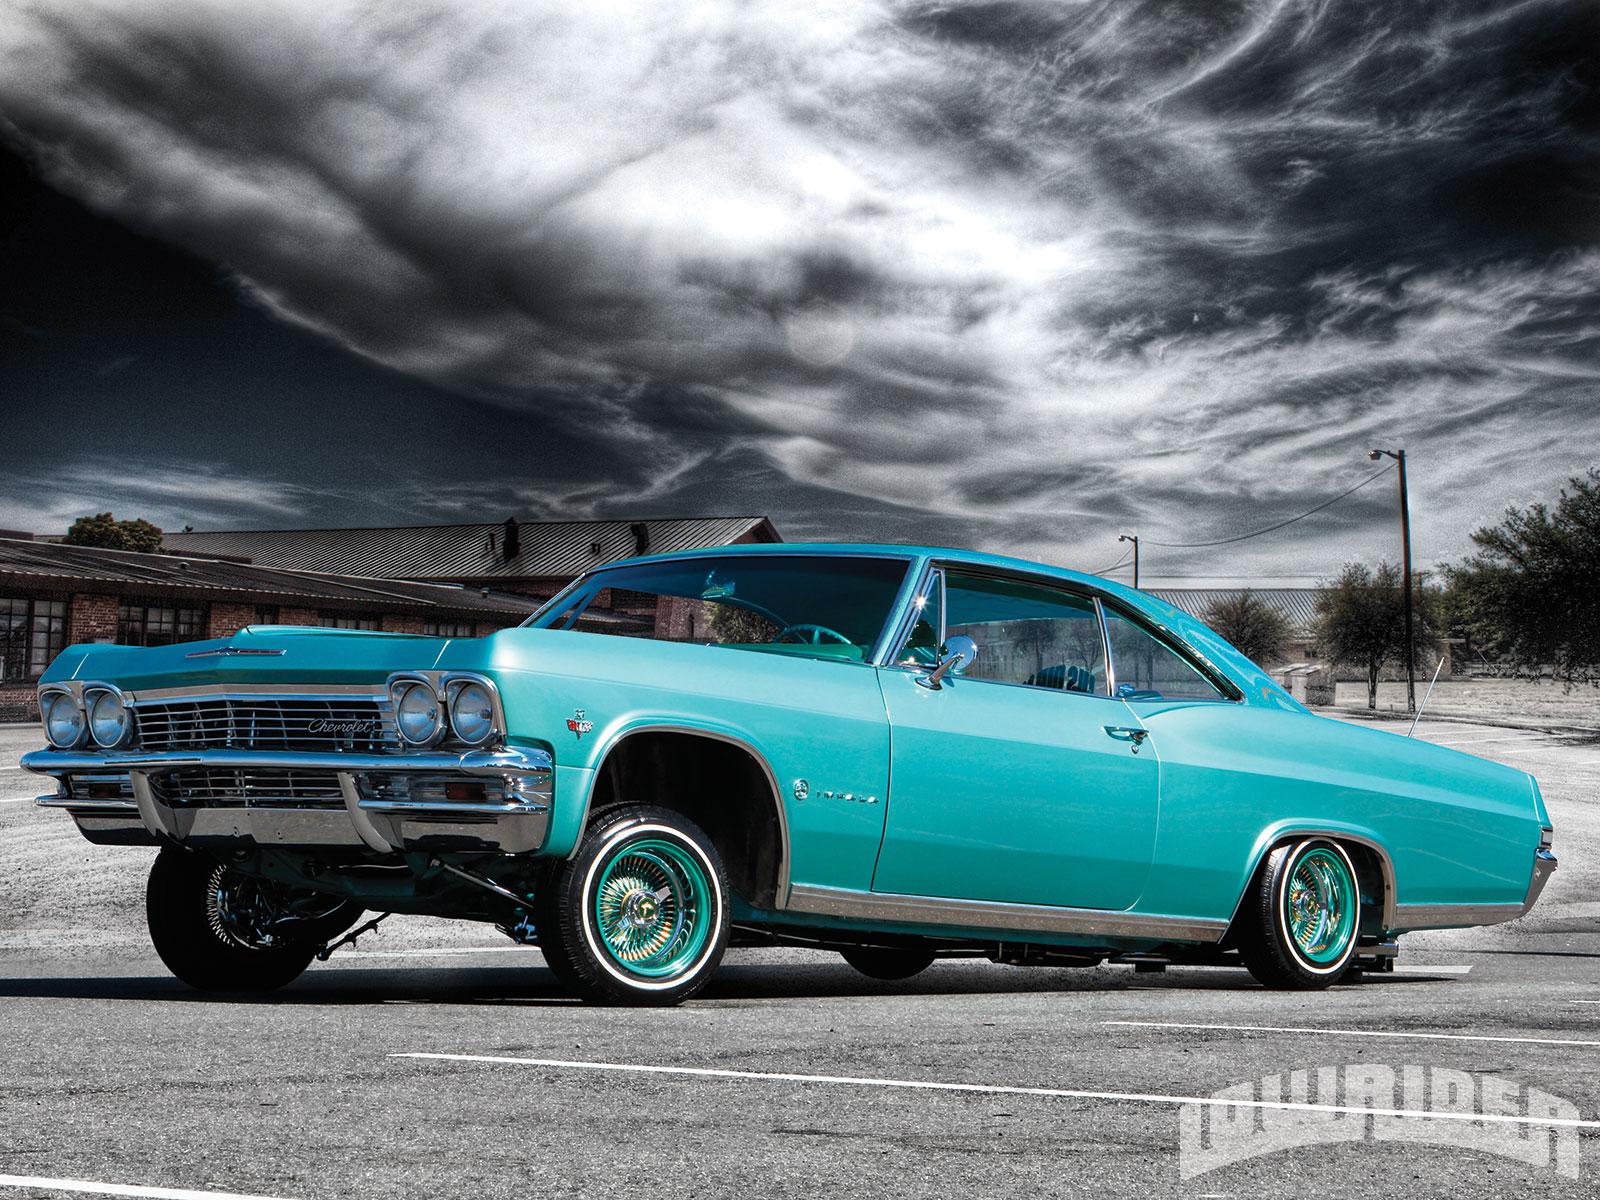 Chevrolet Impala 2018 >> 1965 Chevrolet Impala - Poison Ivy - Lowrider Magazine